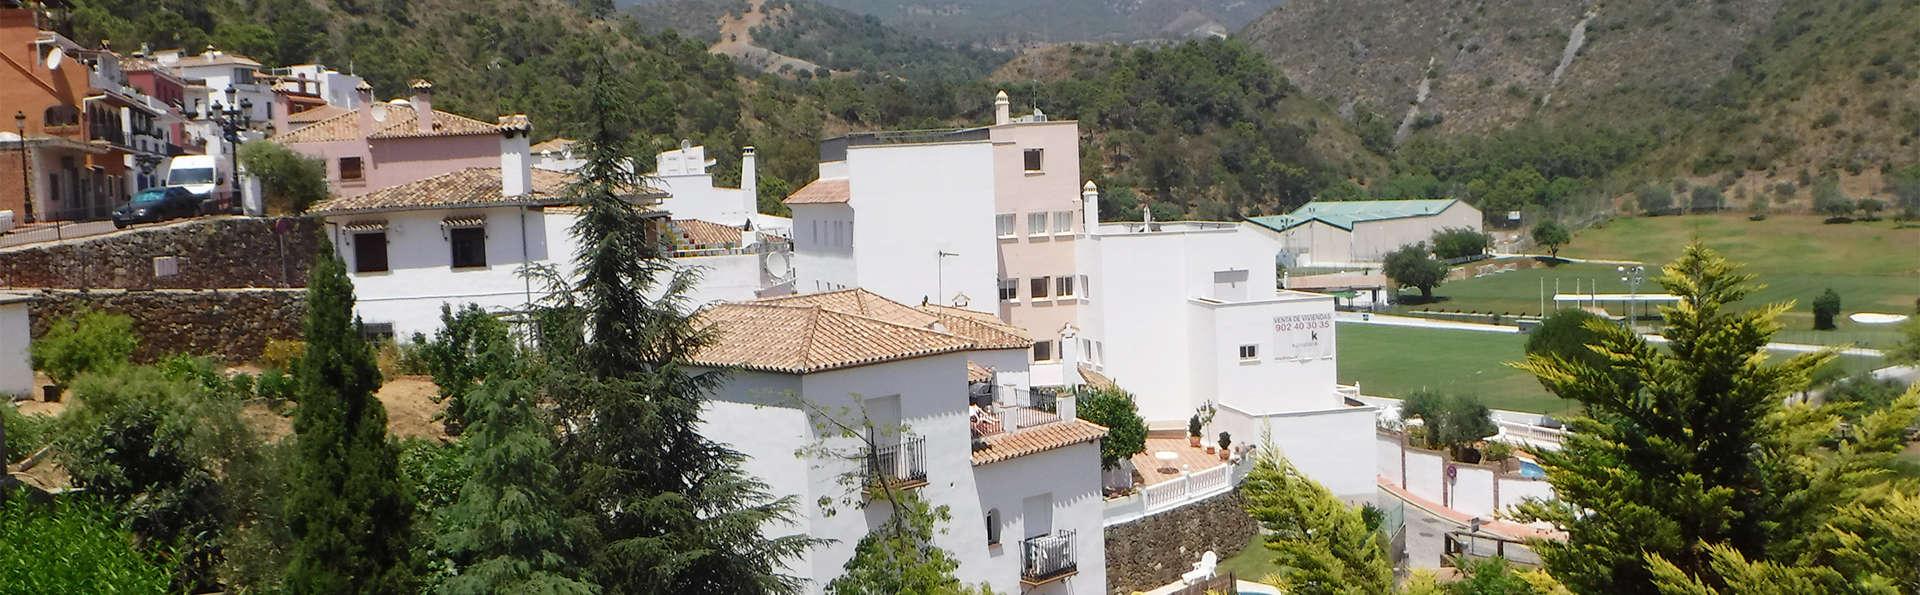 Hotel Amanhavis - EDIT_Benahavis2.jpg